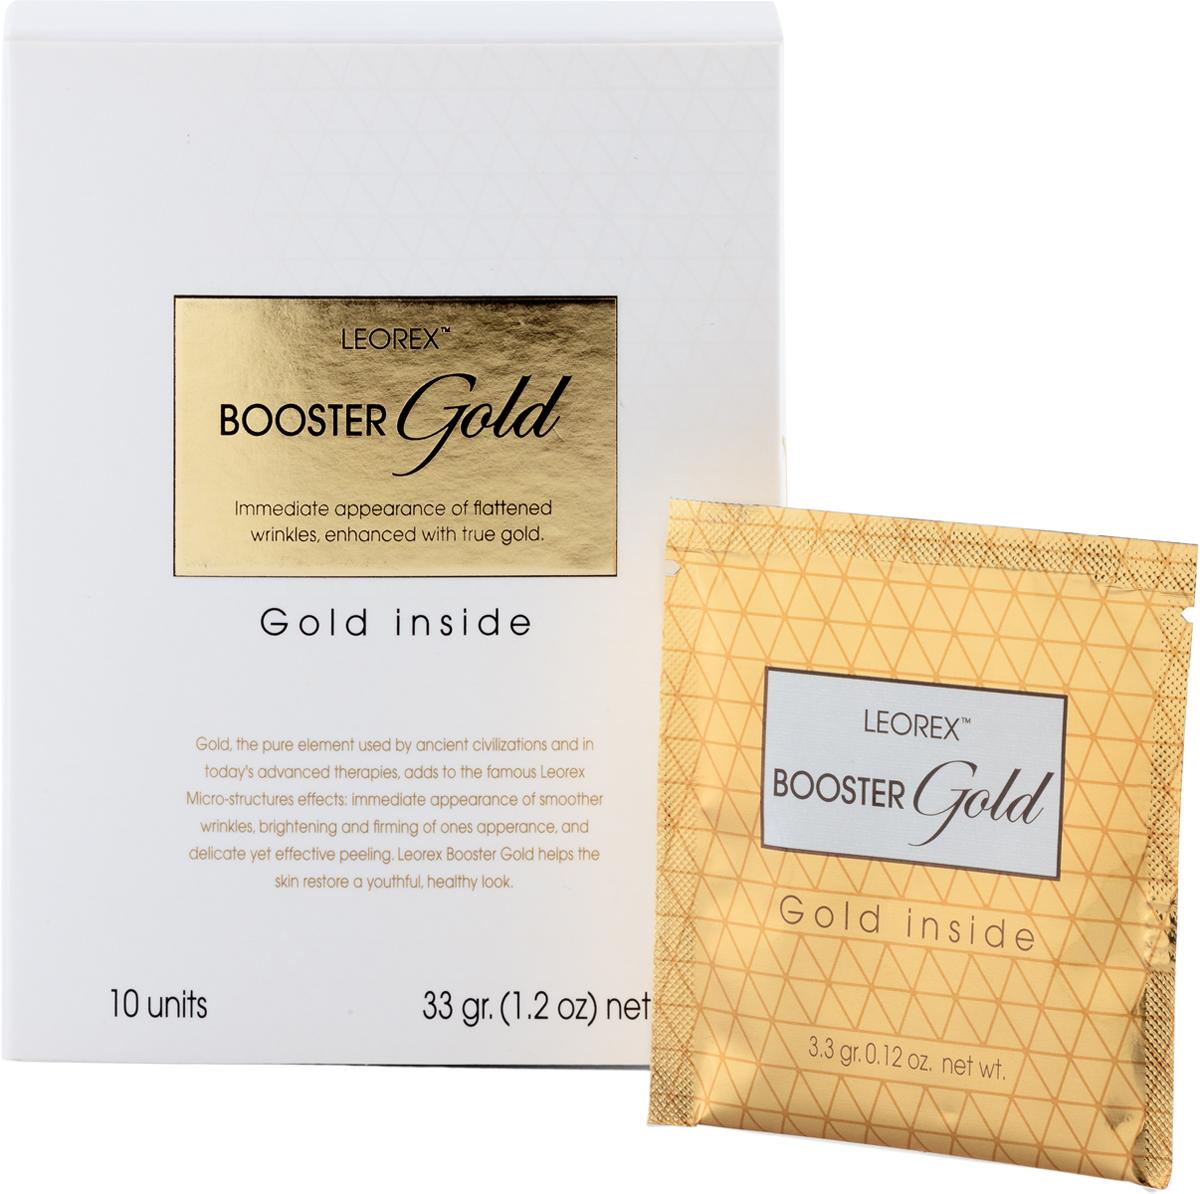 Leorex Booster Gold Inside Маска для лица и век с золотом, 3,3 мл х 10 шт7290011784379Маска LEOREX Booster Gold, содержащая в своём составе коллоидное золото, восстанавливает глубокие слои эпидермиса за счёт стимулирования обменных процессов в глубоких слоях кожи. Притягивая и удерживая молекулы воды, этот драгоценный компонент оказывает мощное увлажняющее действие, восстанавливает эластичность и упругость кожи, помогает смоделировать контуры лица. Состав: диоксид кремния, экстракт виноградных косточек, стабилизированный экстракт алоэ вера, витамины А, Е, коллоид золота, гидролизированный протеин пшеницы, масло шиповника, масло семян бурачника. При регулярном применении тон кожи выравнивается, пигментные пятна становятся значительно менее выраженными, создаётся эффект лифтинга, кислотность нормализуется, исчезает жирный блеск, нейтрализуется воздействие на дерму вредных привычек, ультрафиолета и неблагоприятных условий окружающей среды. Золото инертно, поэтому маска гипоаллергенна, подходит даже для чувствительной кожи, легко смывается.